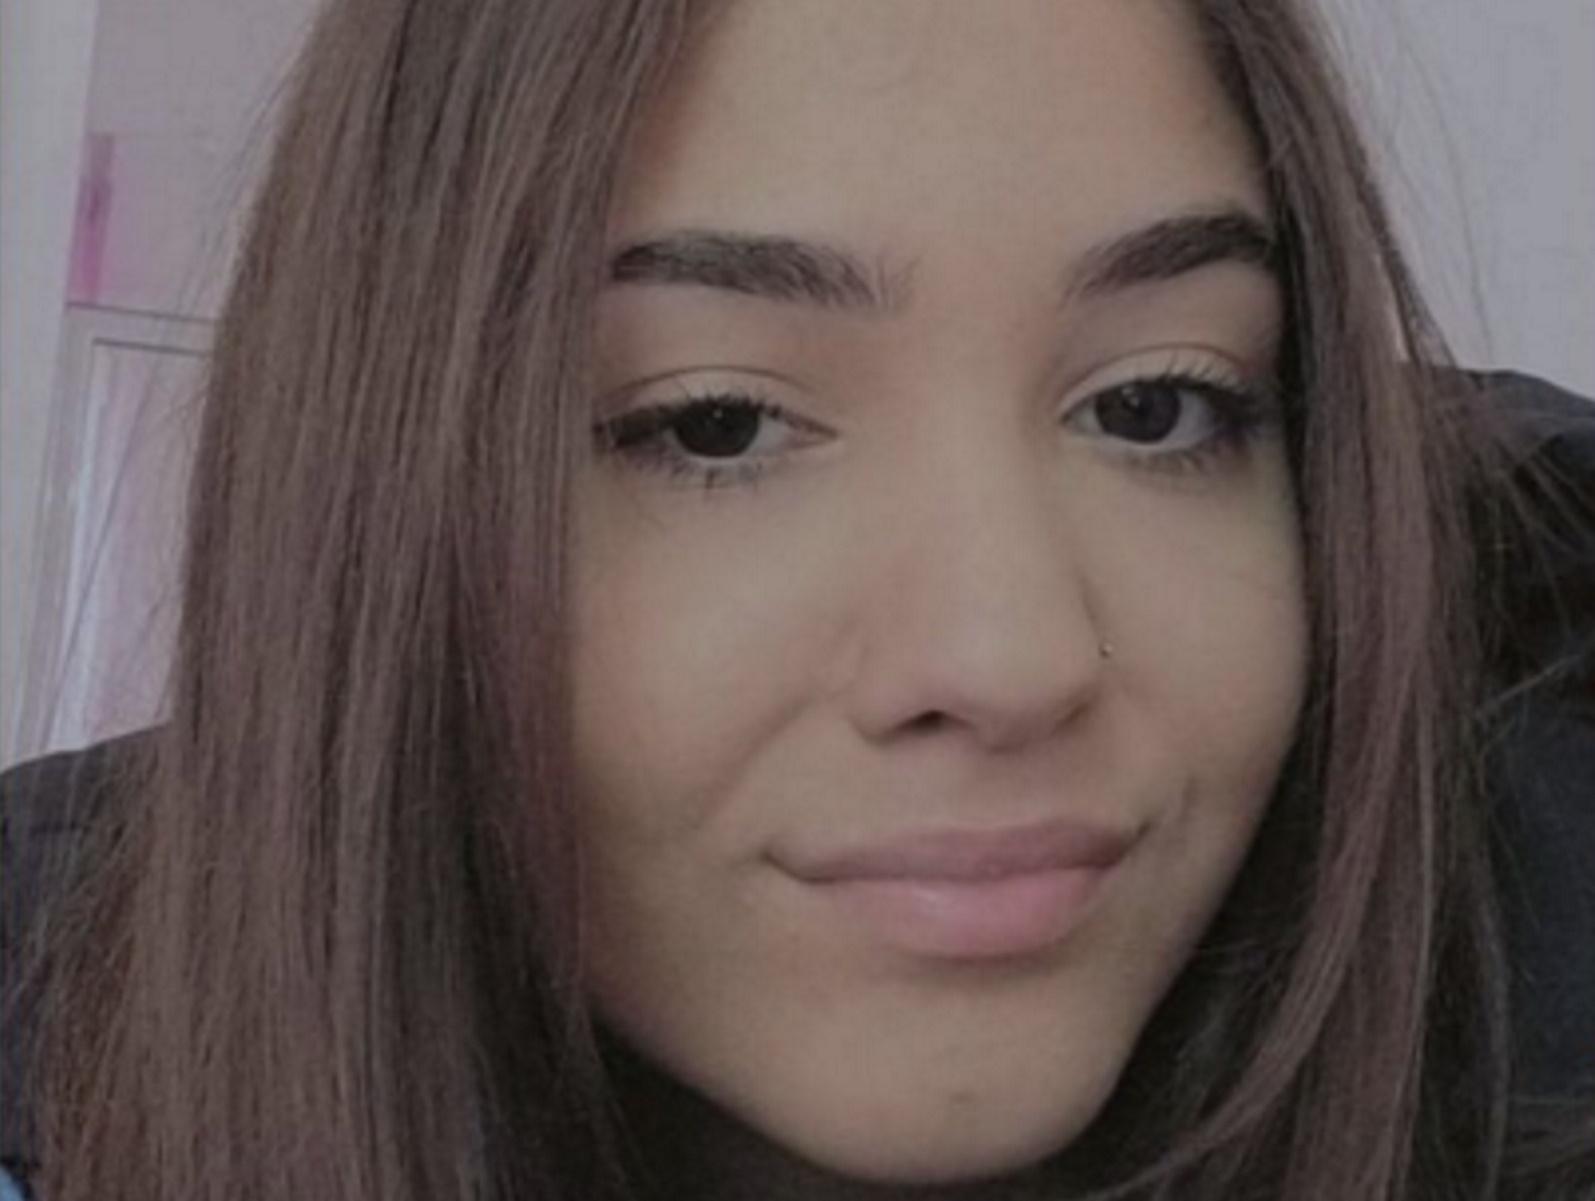 Συναγερμός για 15χρονη αγνοούμενη στο Αιγάλεω – Μυστήριο με το κινητό της που βρέθηκε πεταμένο (pics, vid)